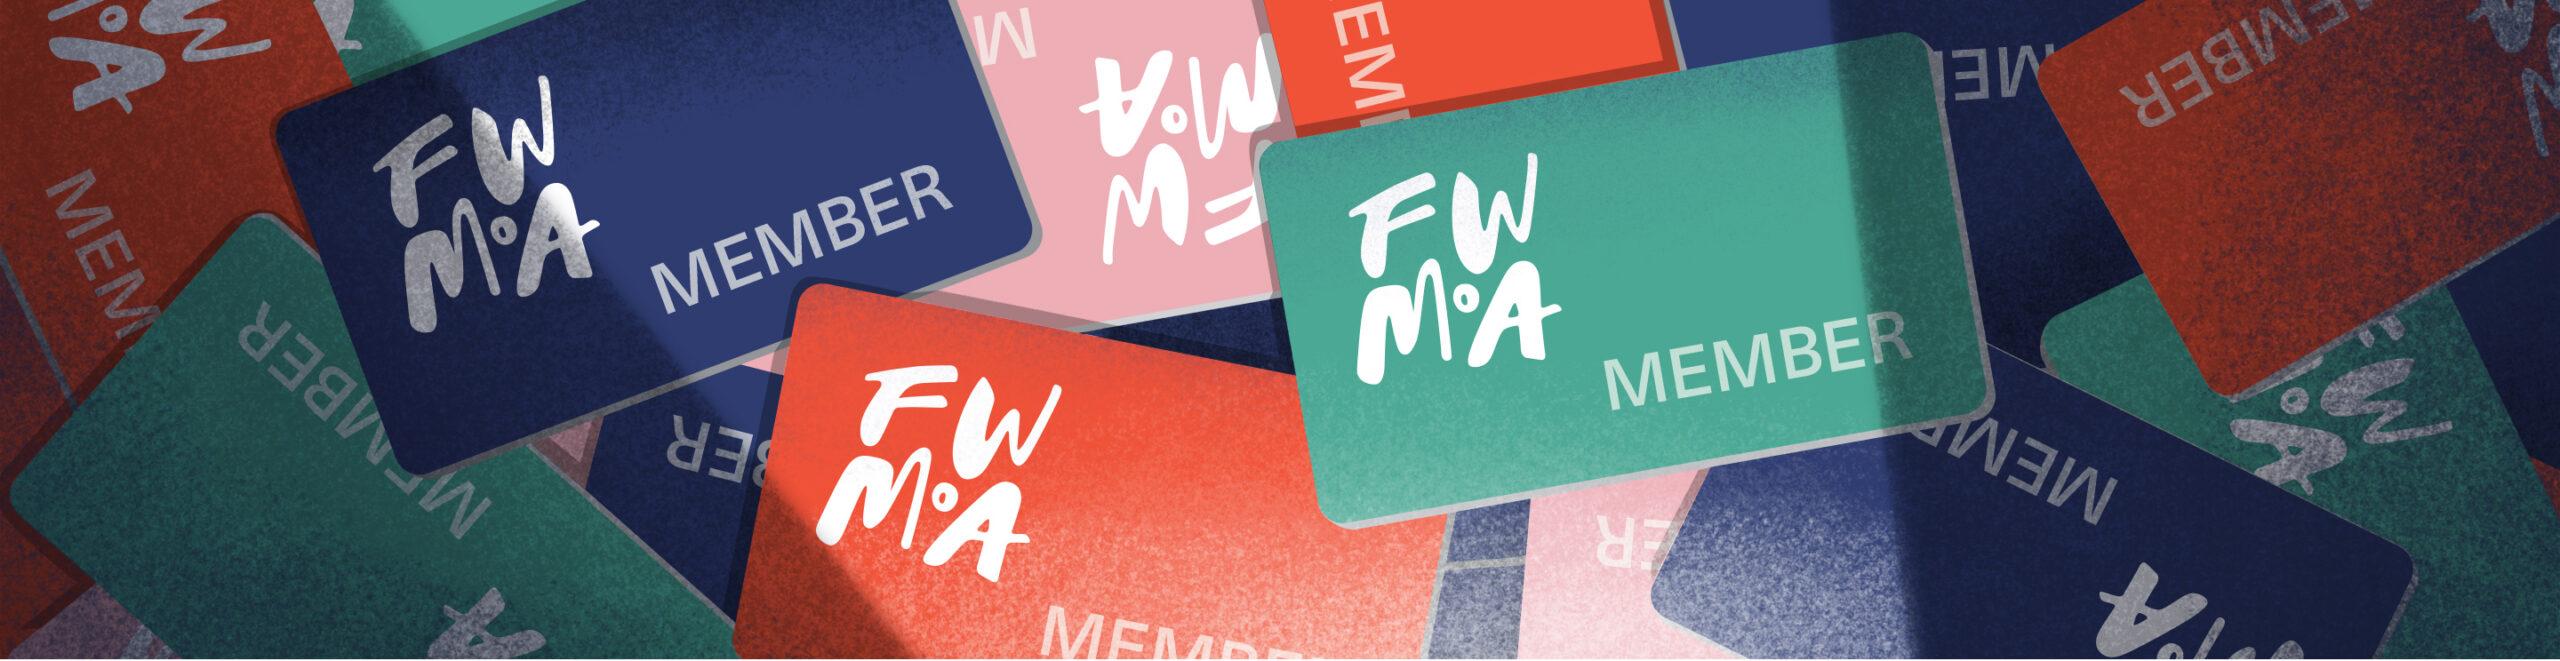 Fort Wayne Museum of Art membership cards